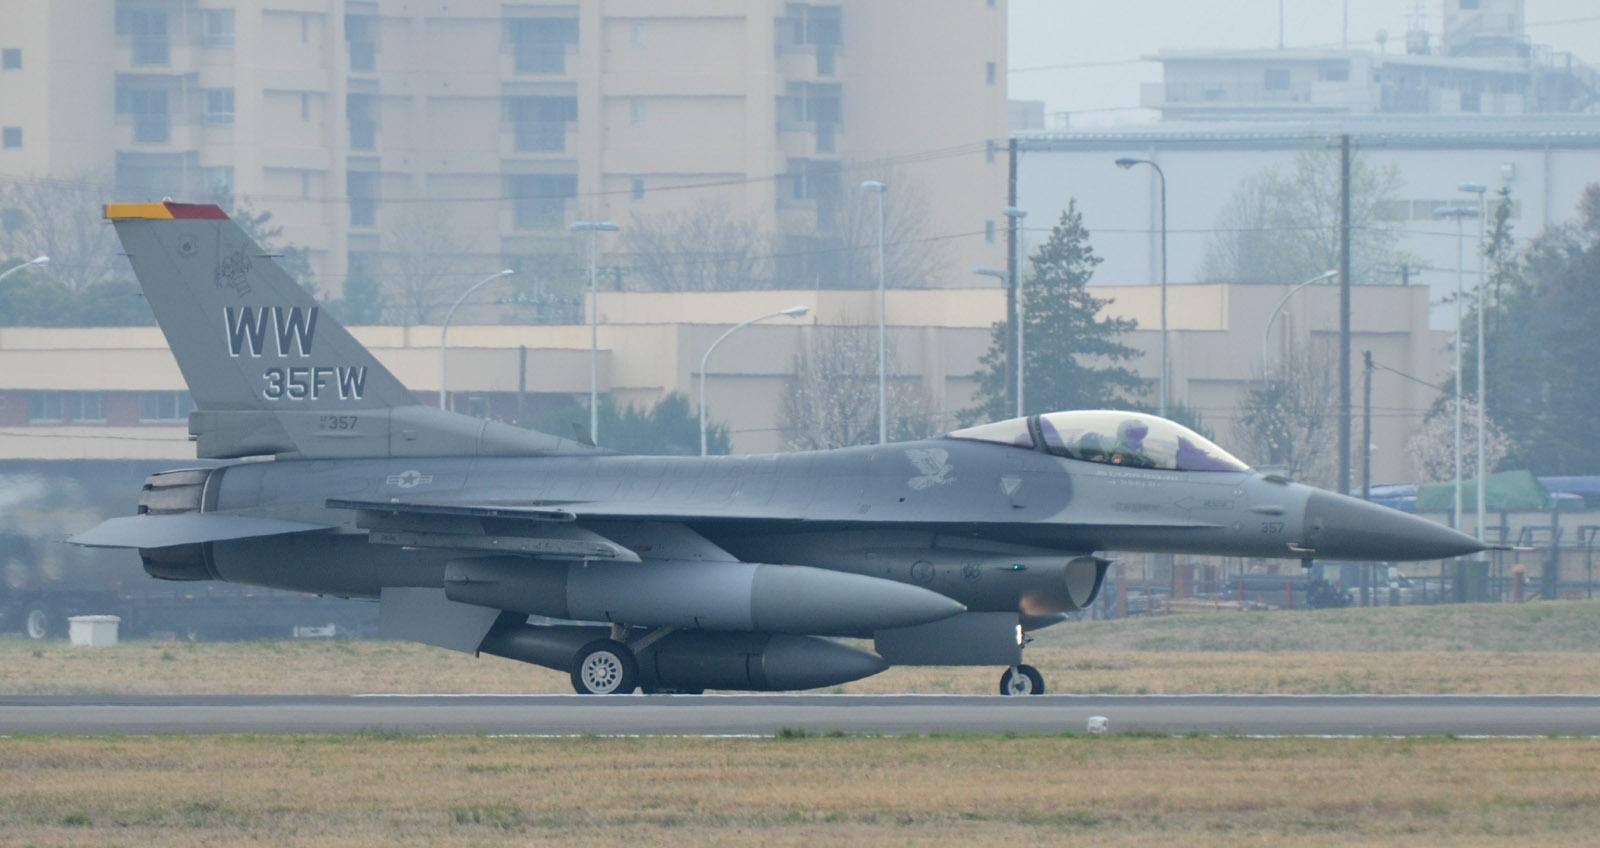 F16cm150401g762